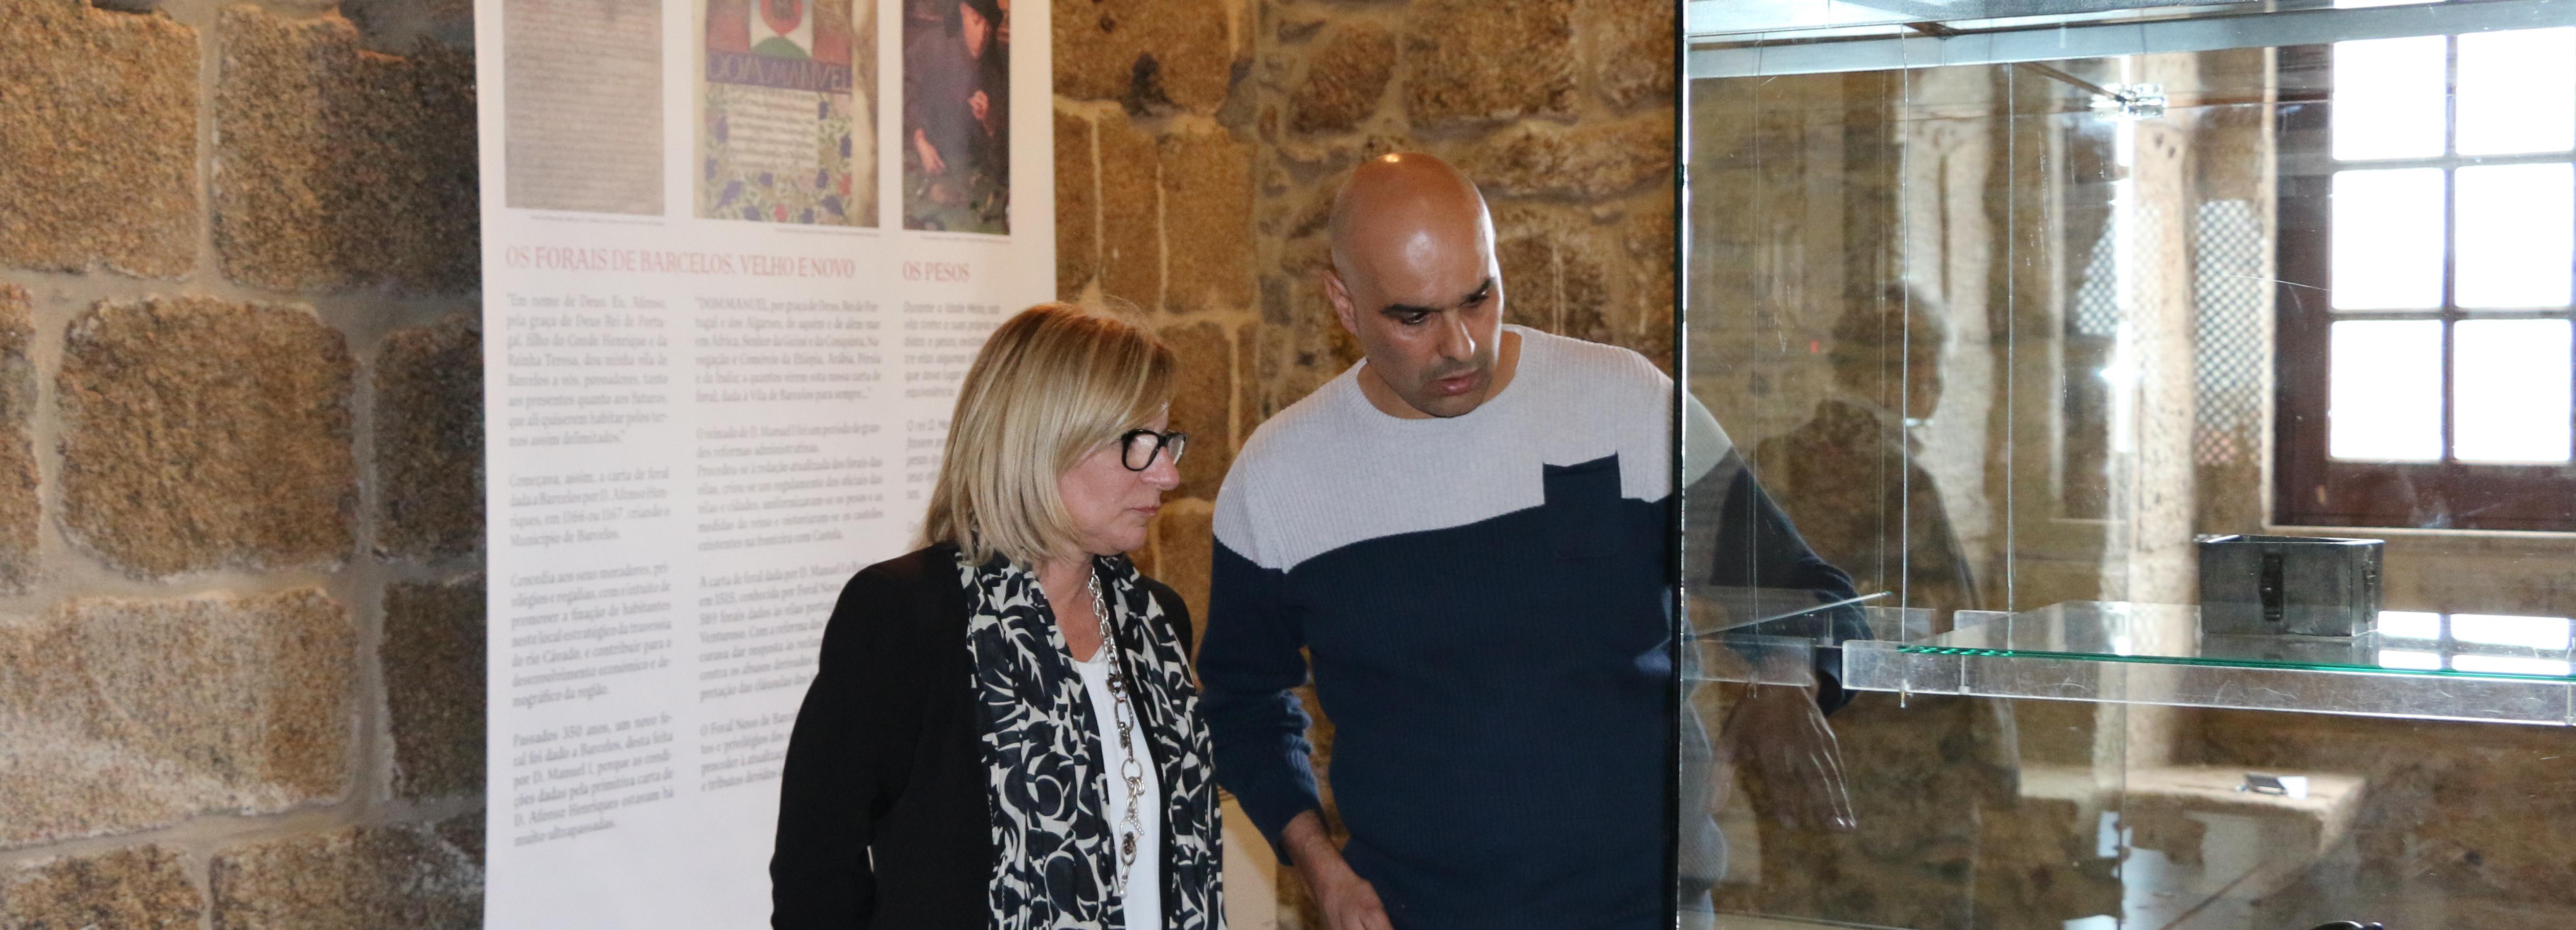 Acervo arqueológico municipal em exposição na Torre Medieval